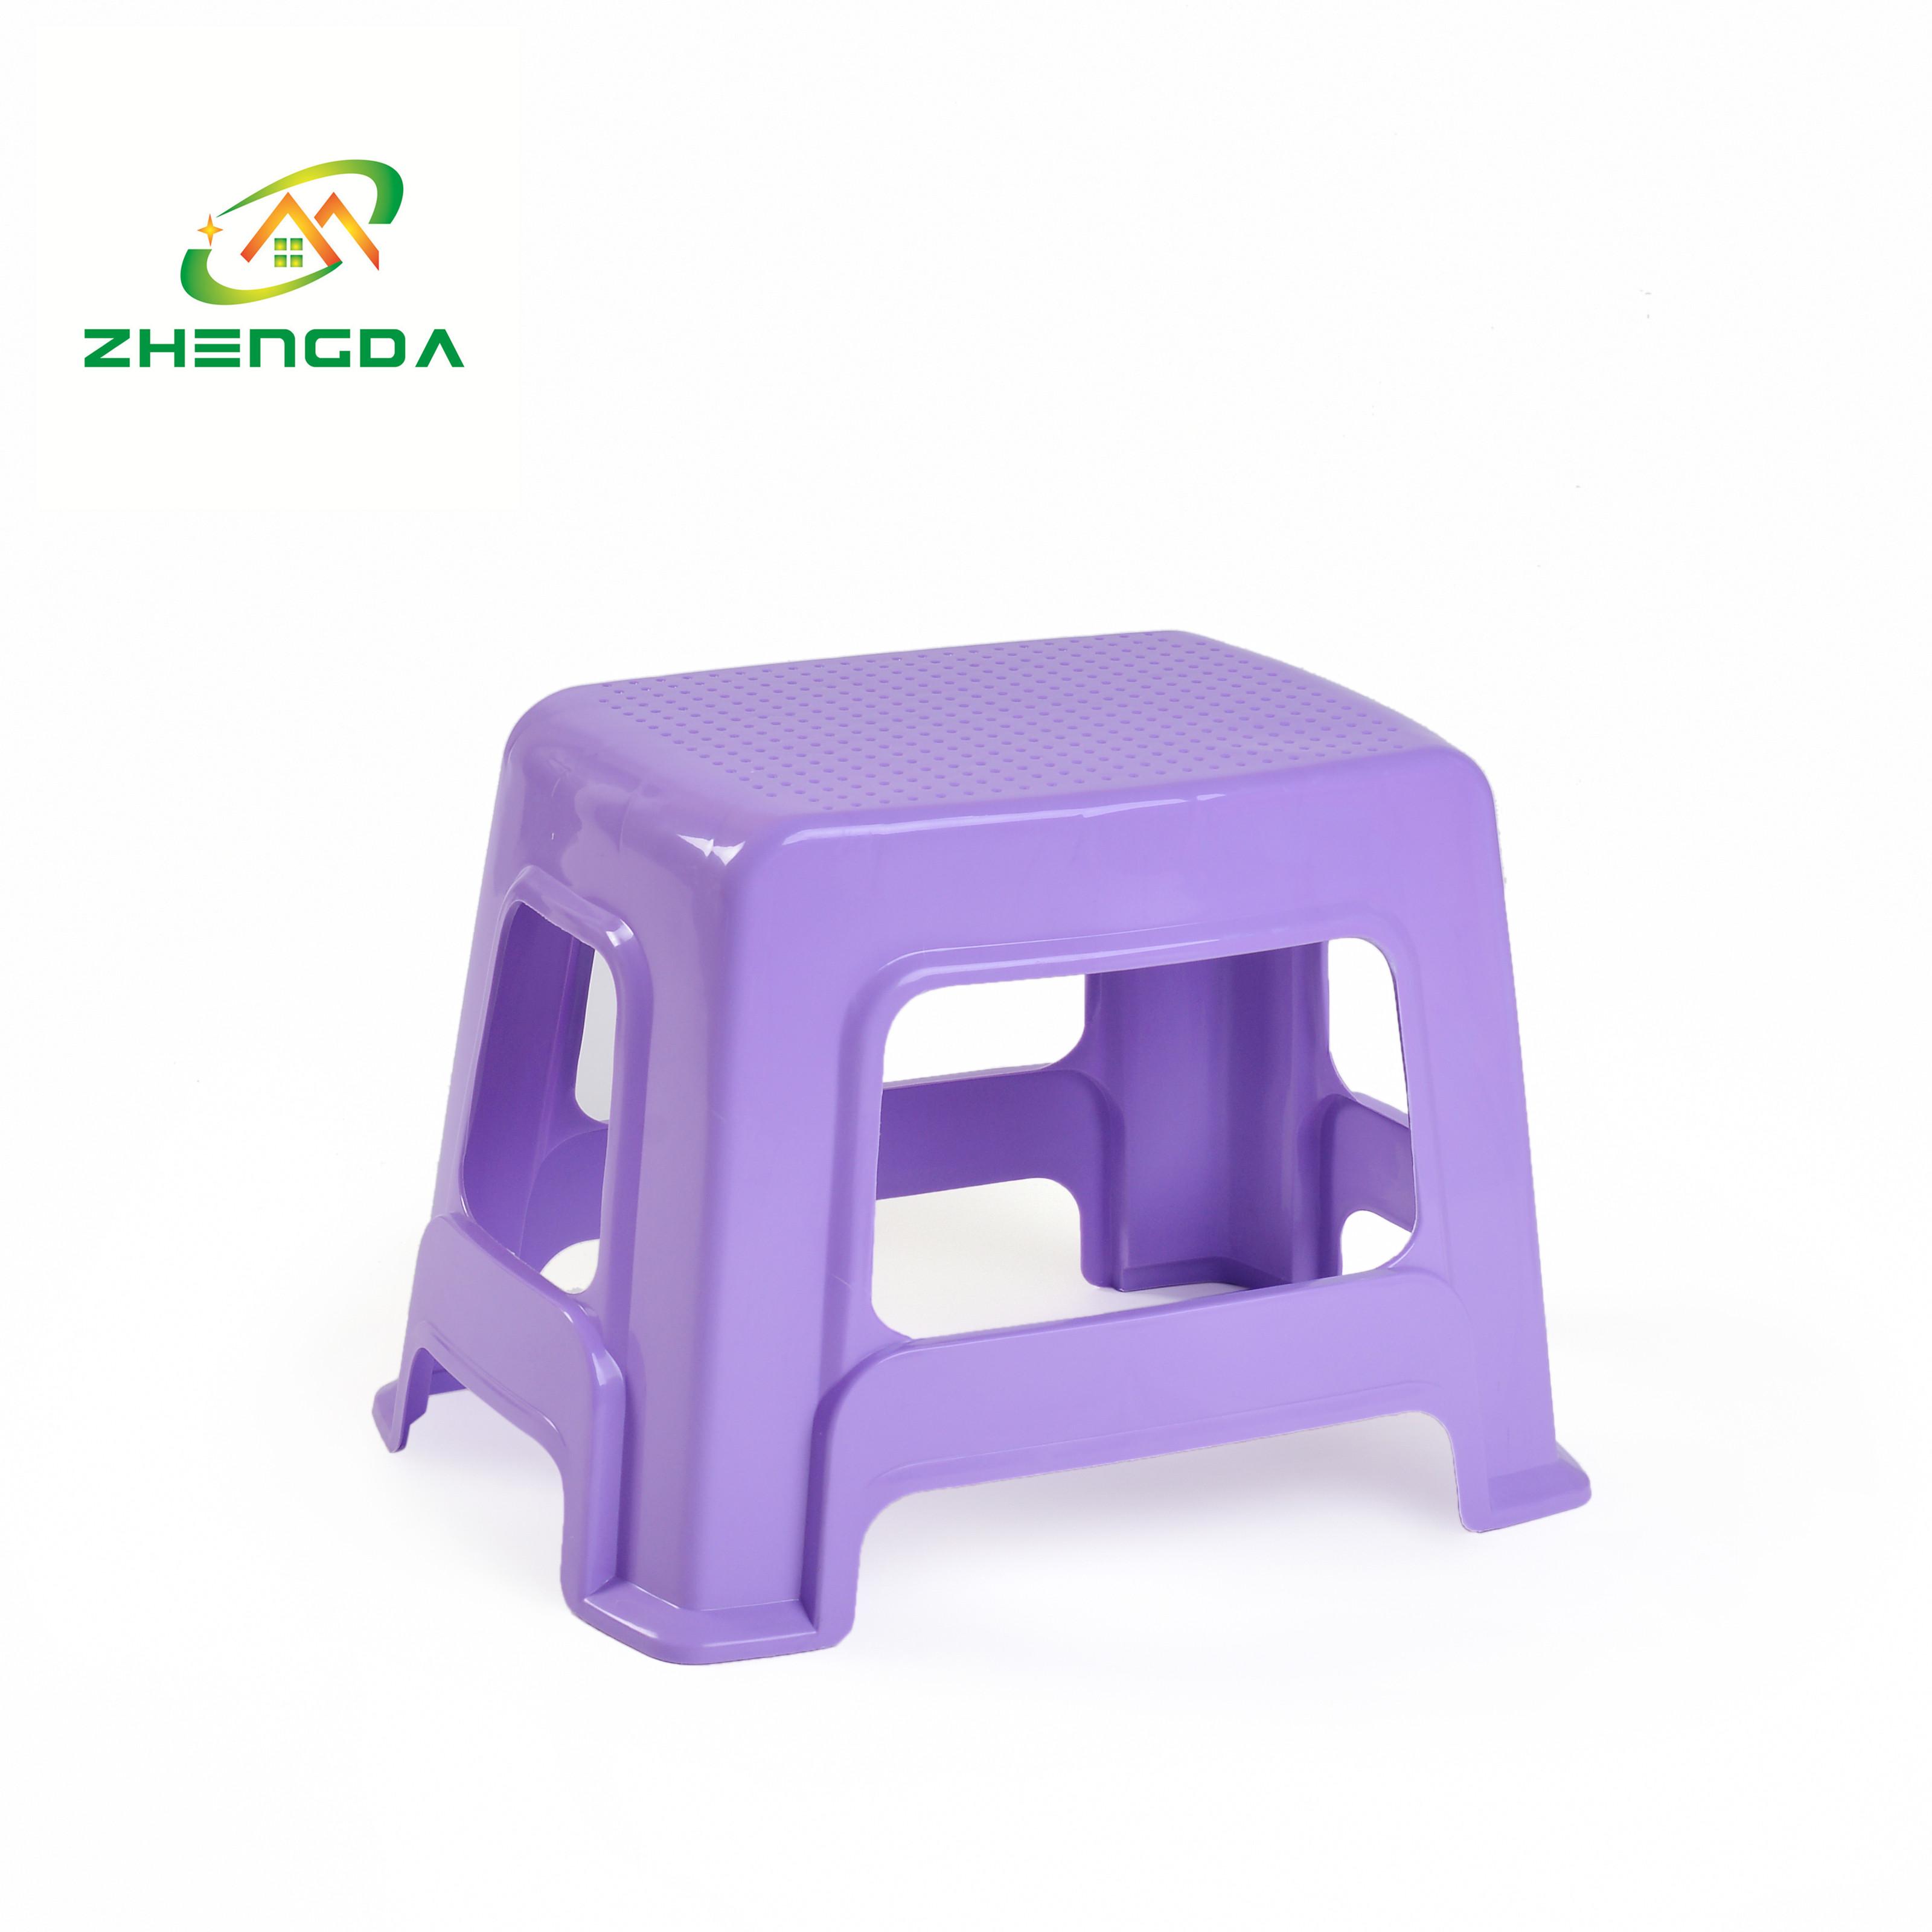 fashion bath stool square plastic child step stool